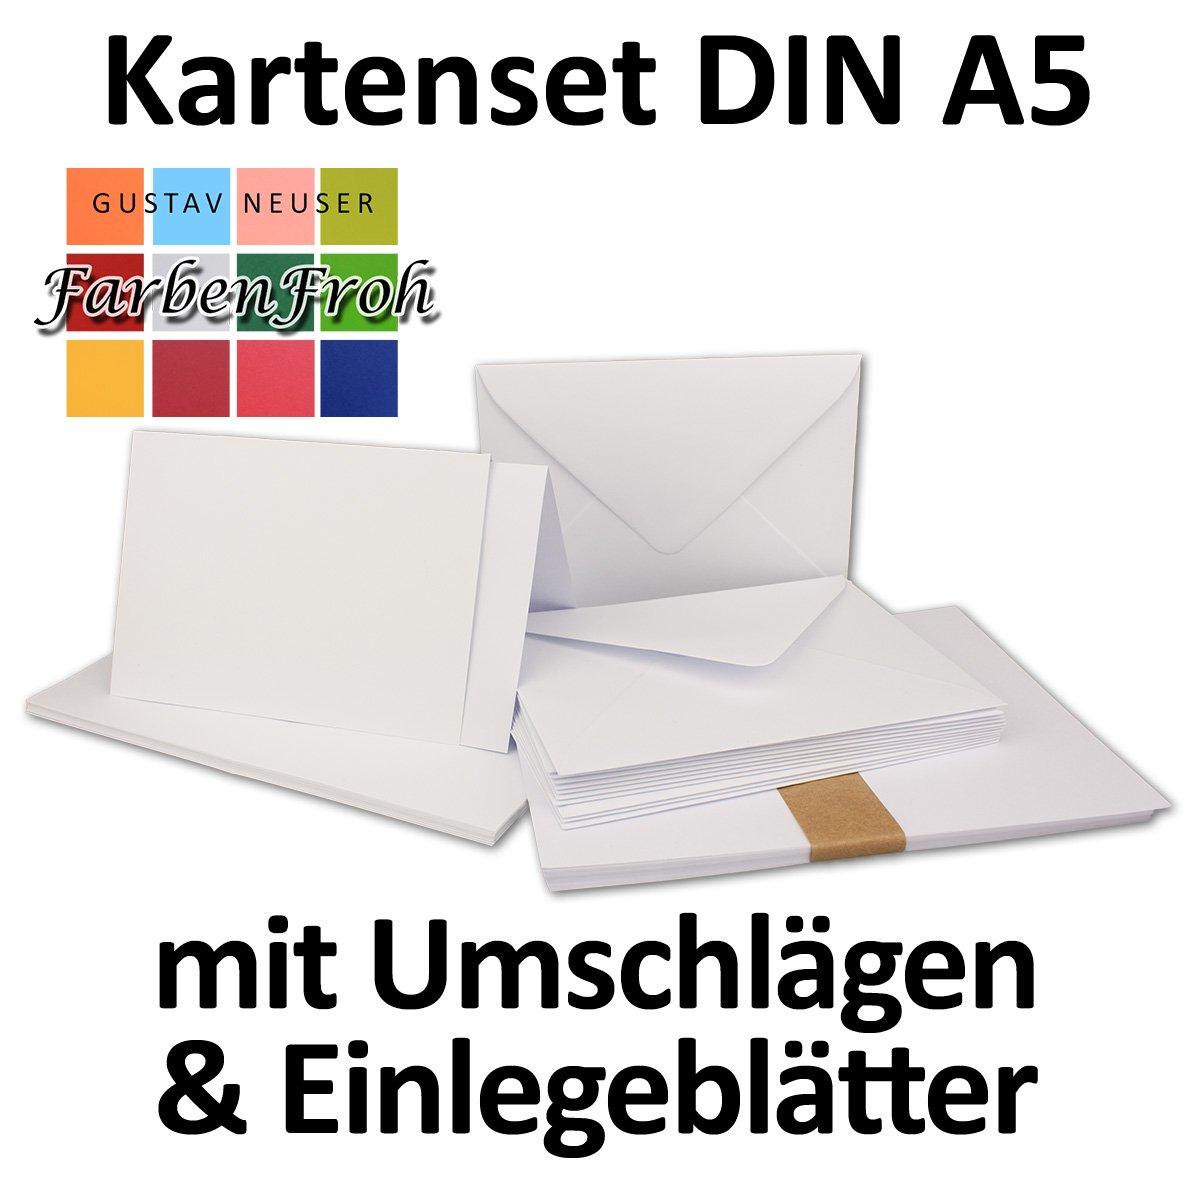 150 Sets - Faltkarten Hellgrau - DIN A5 A5 A5  Umschläge  Einlegeblätter DIN C5 - PREMIUM QUALITÄT - sehr formstabil - Qualitätsmarke  NEUSER FarbenFroh B07C36YWTT Kartenkartons Üppiges Design 9653d3